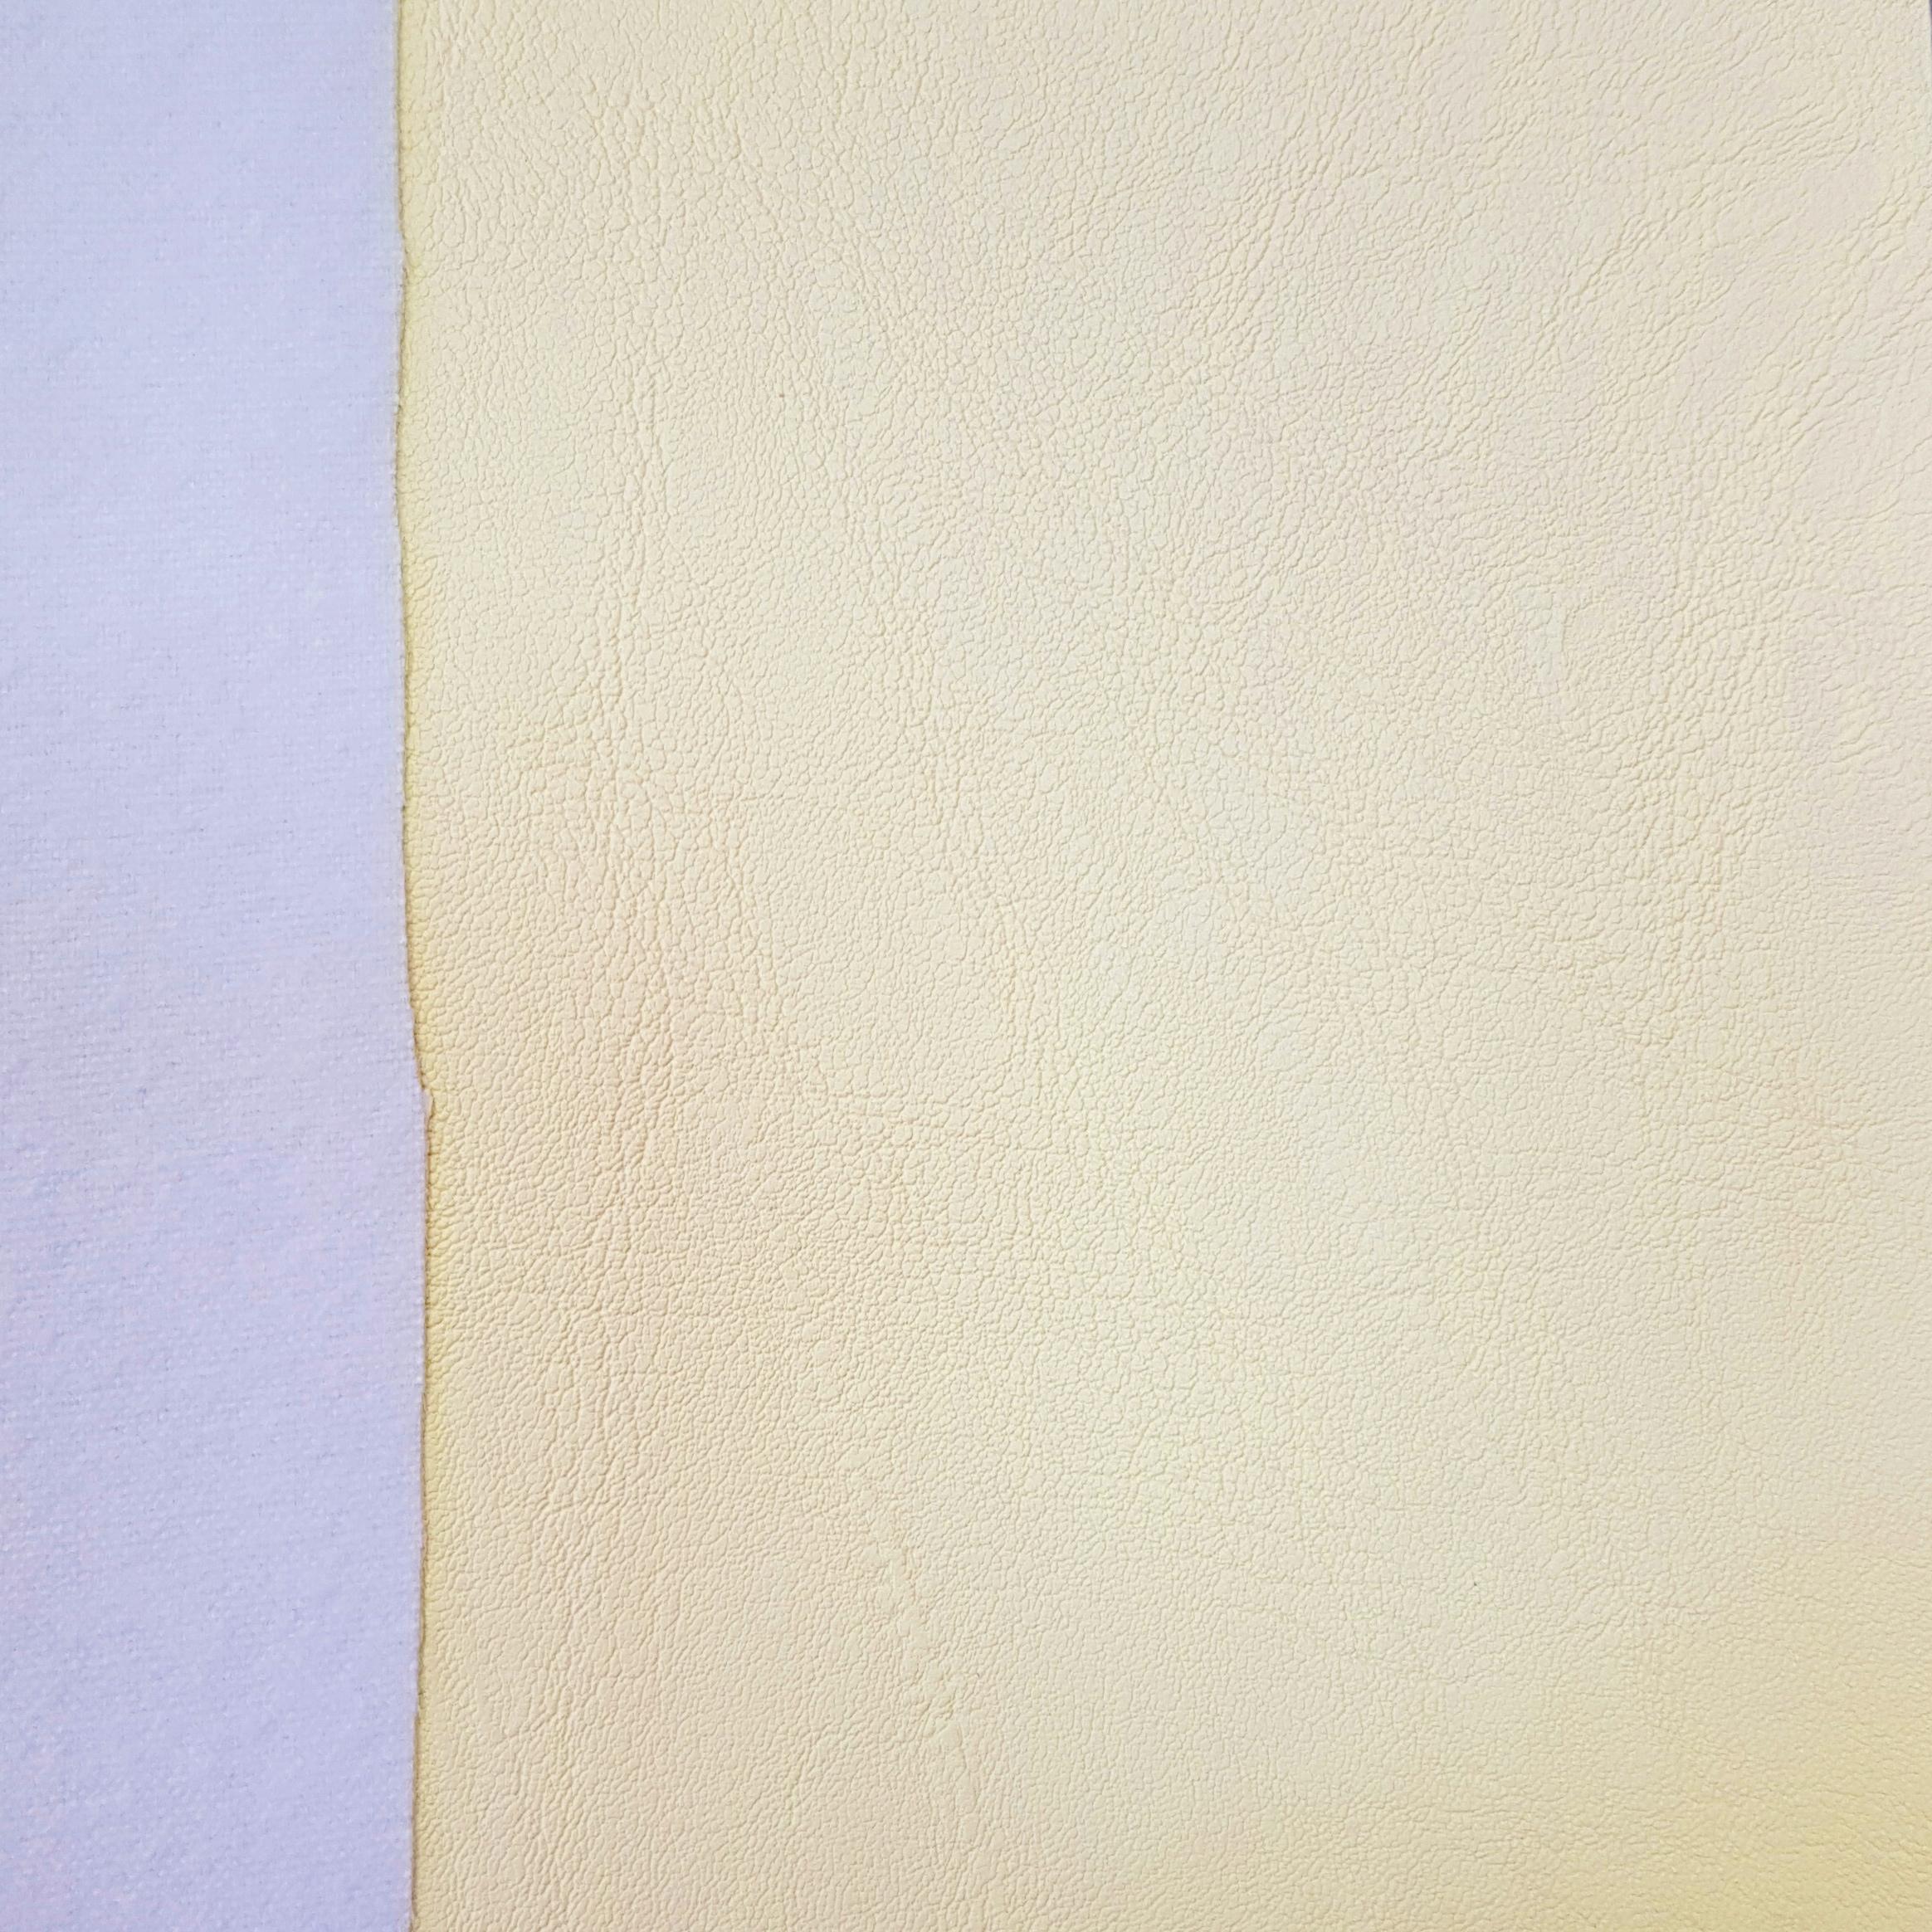 620b71877c29 Кожзам, 350*250*1 мм, кремовый, лист - Основы и изнанки